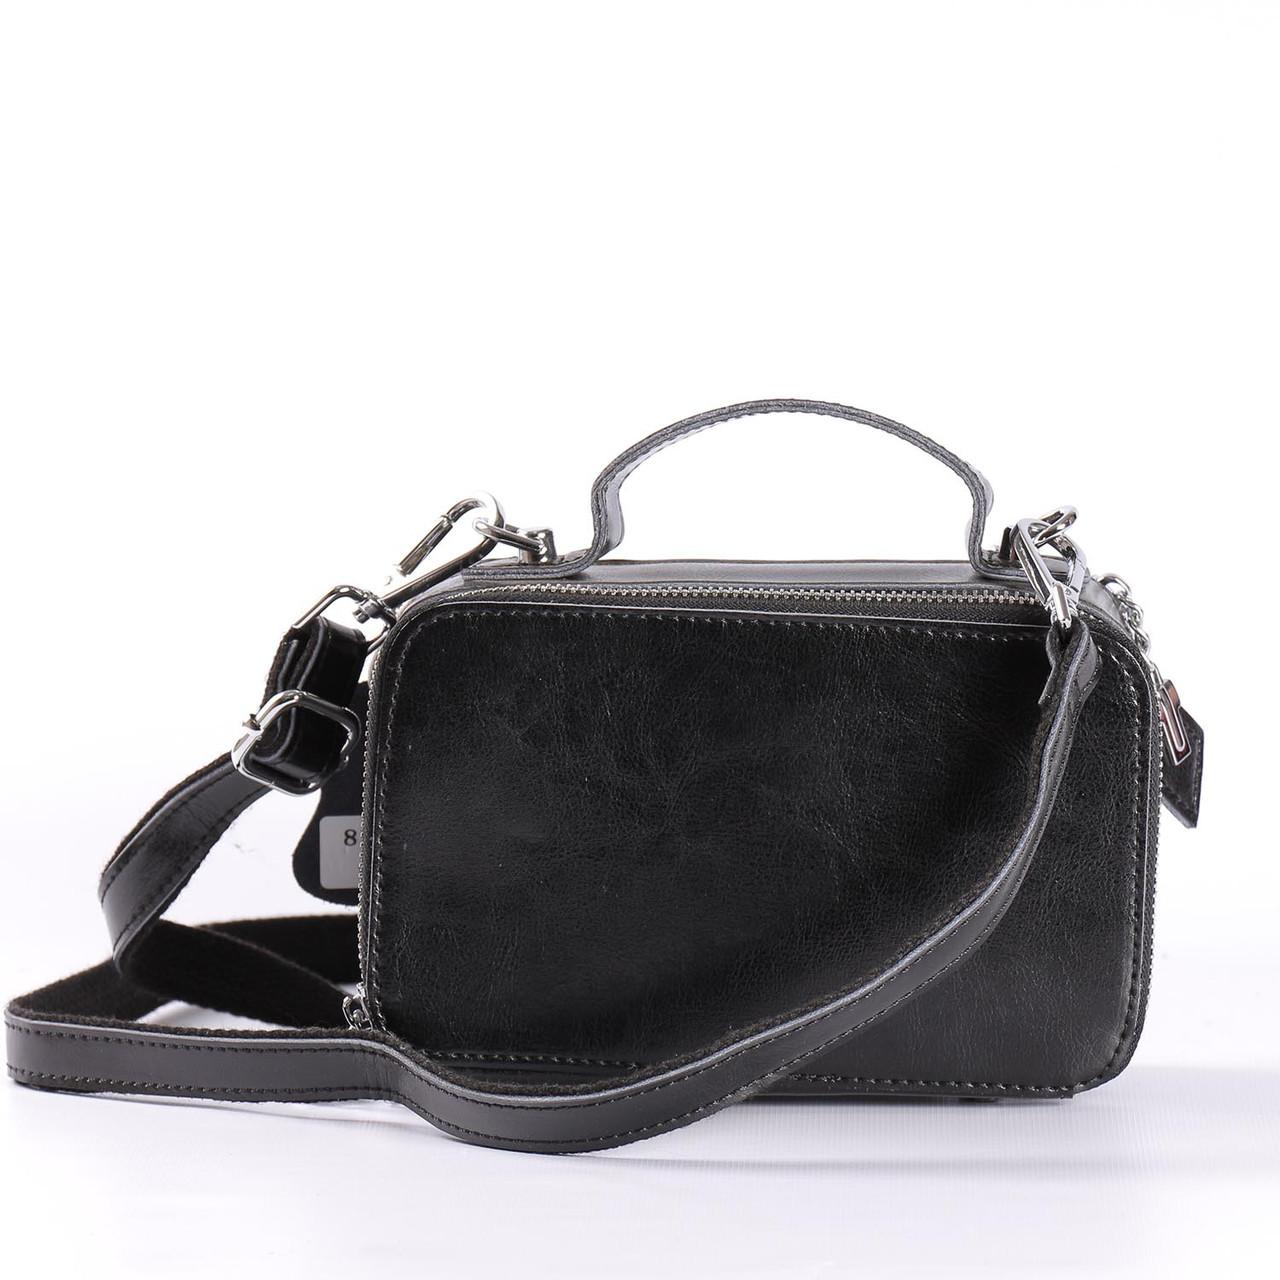 07b3b93fe092 Женская кожаная сумка мини черная